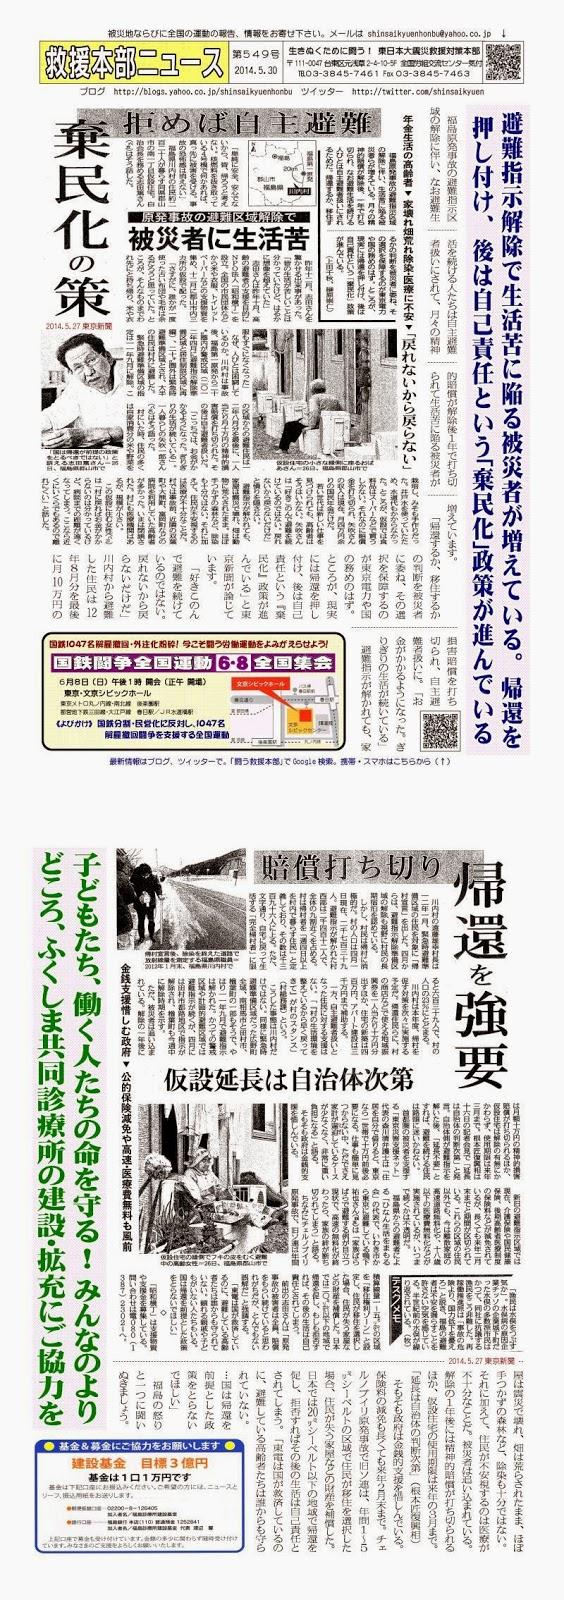 http://blogs.yahoo.co.jp/shinsaikyuenhonbu/12197549.html